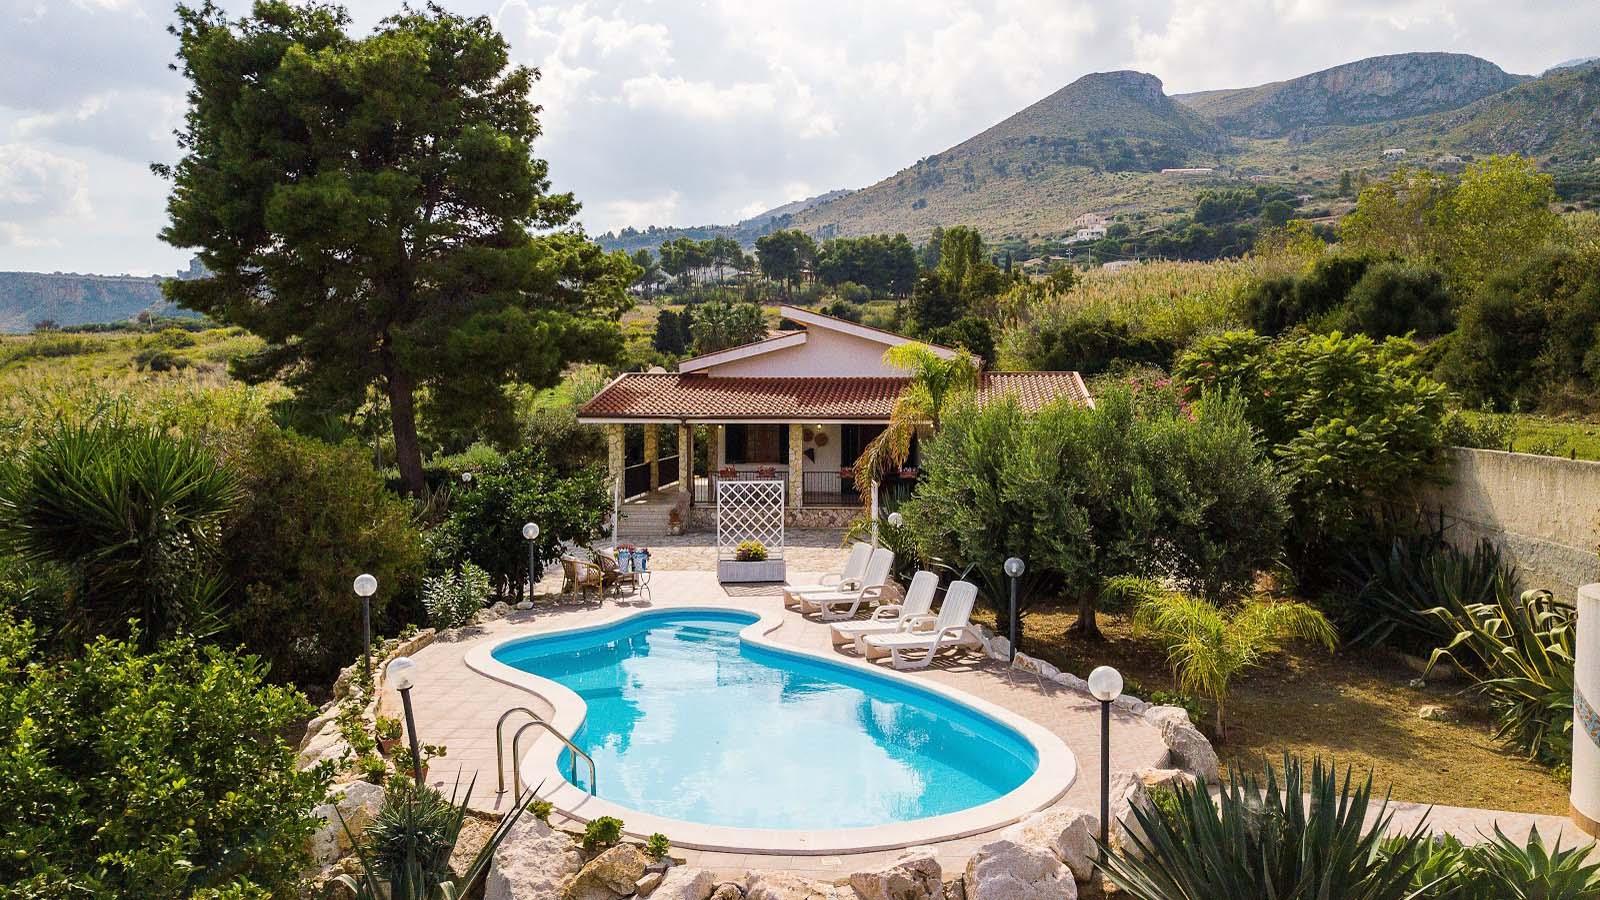 Vakantiehuis in Scopello met zwembad, in Sicilie.